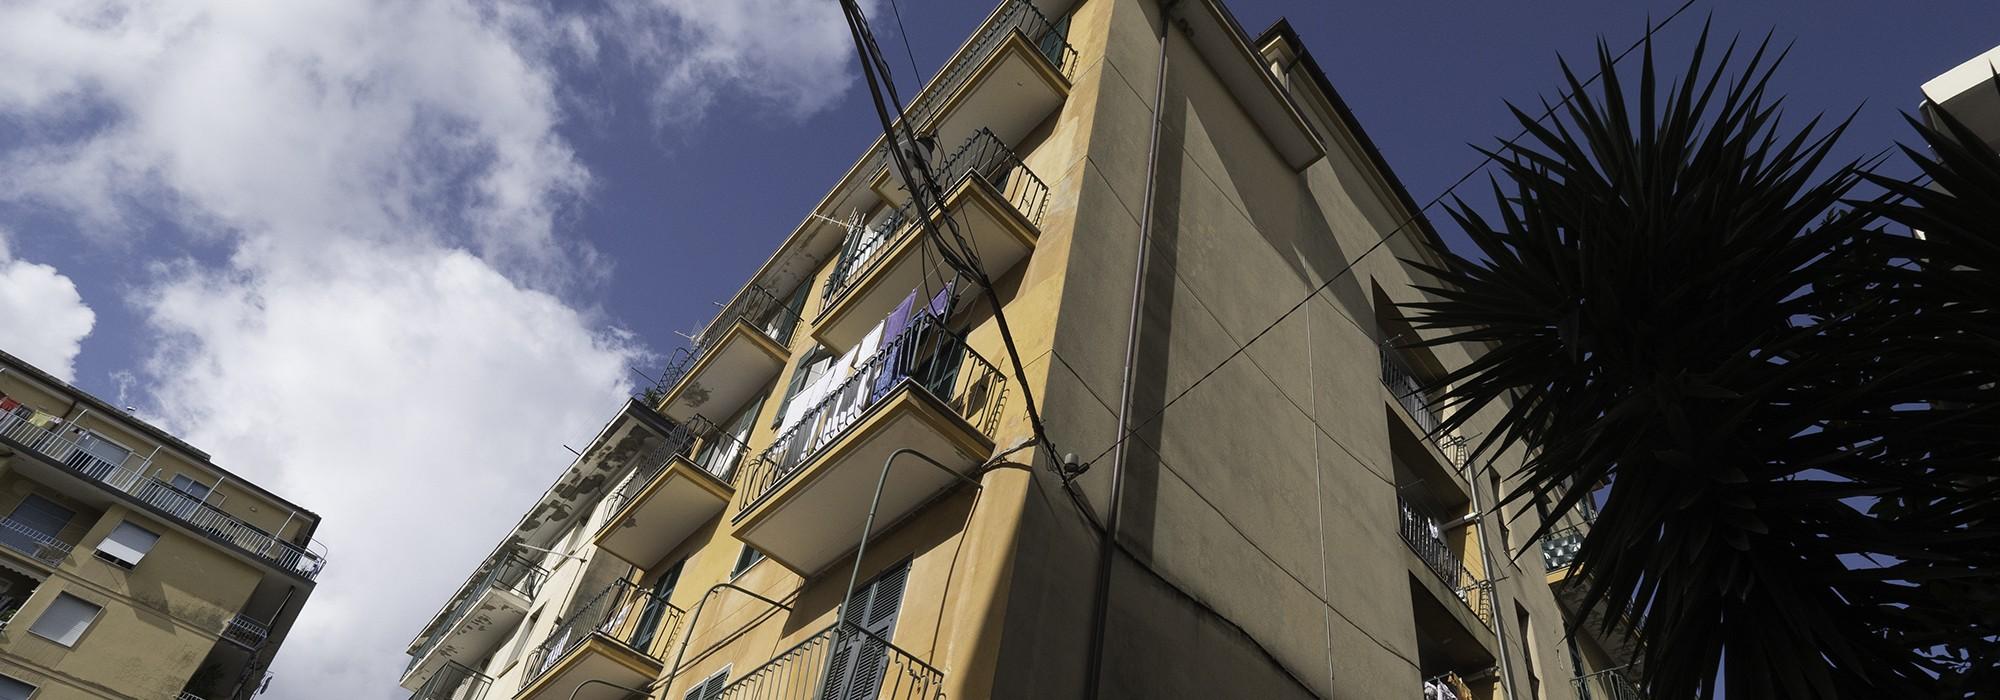 Centralissimo a Levanto, 4 piano (senza ascensore)